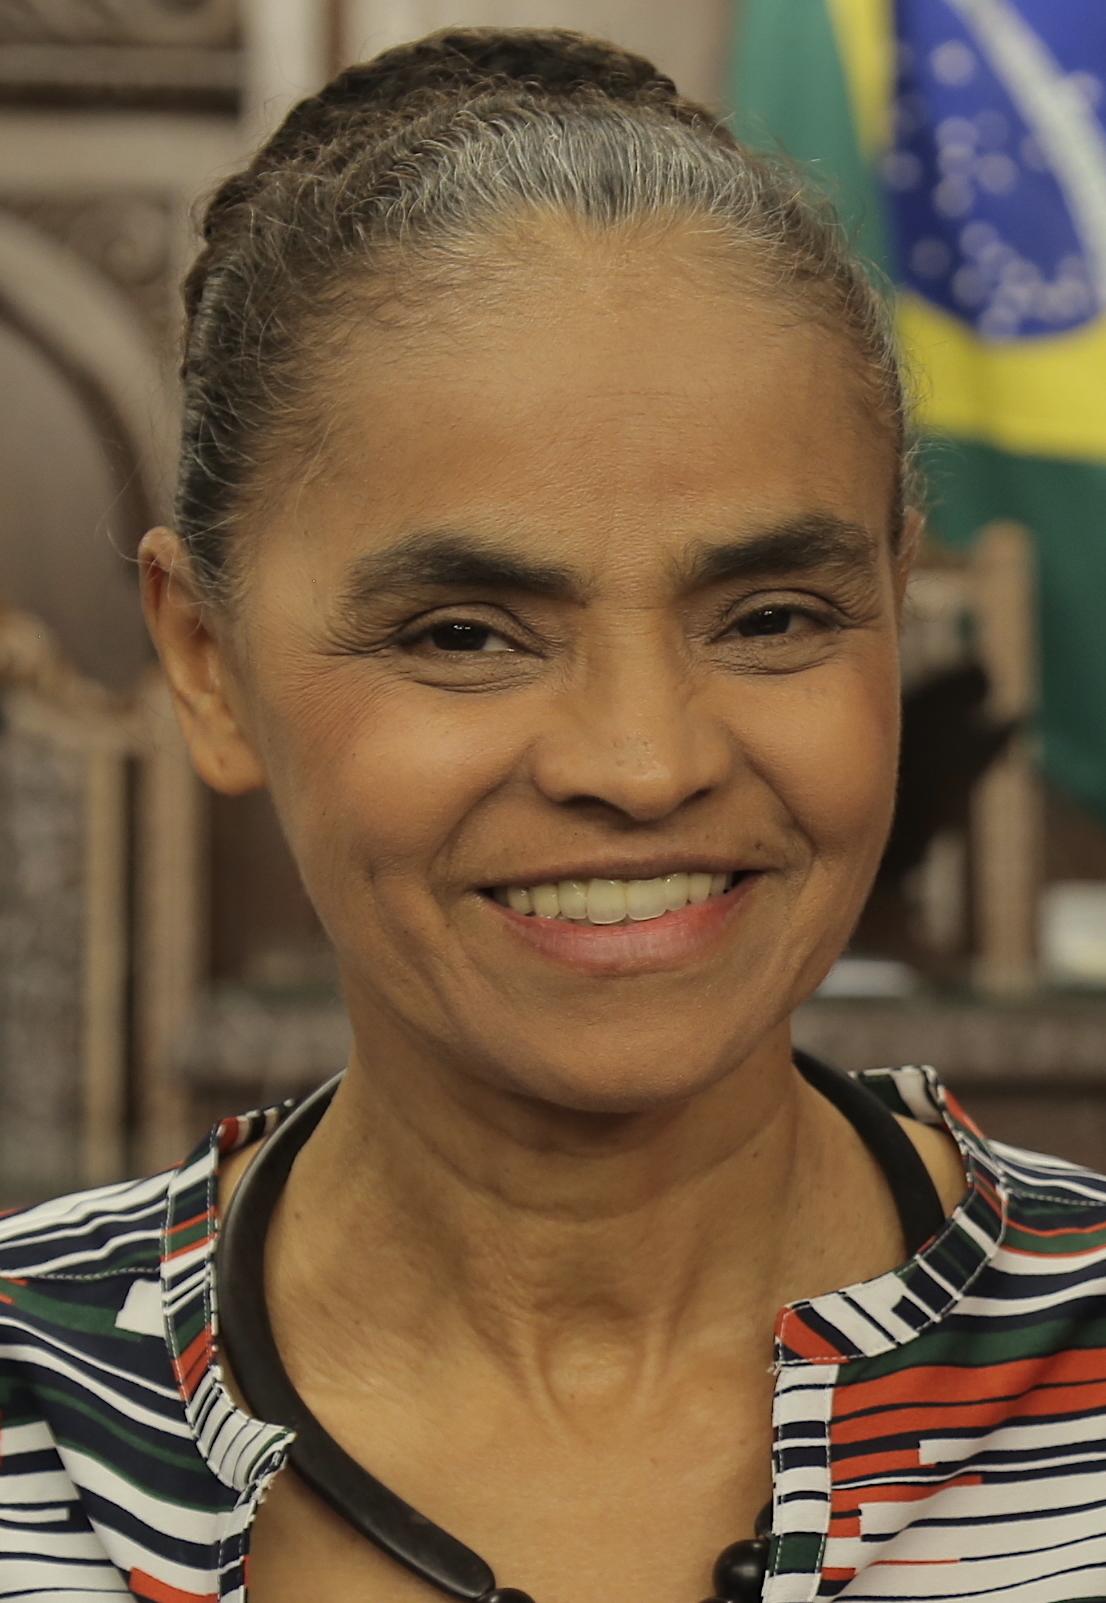 Veja o que saiu no Migalhas sobre Marina Silva